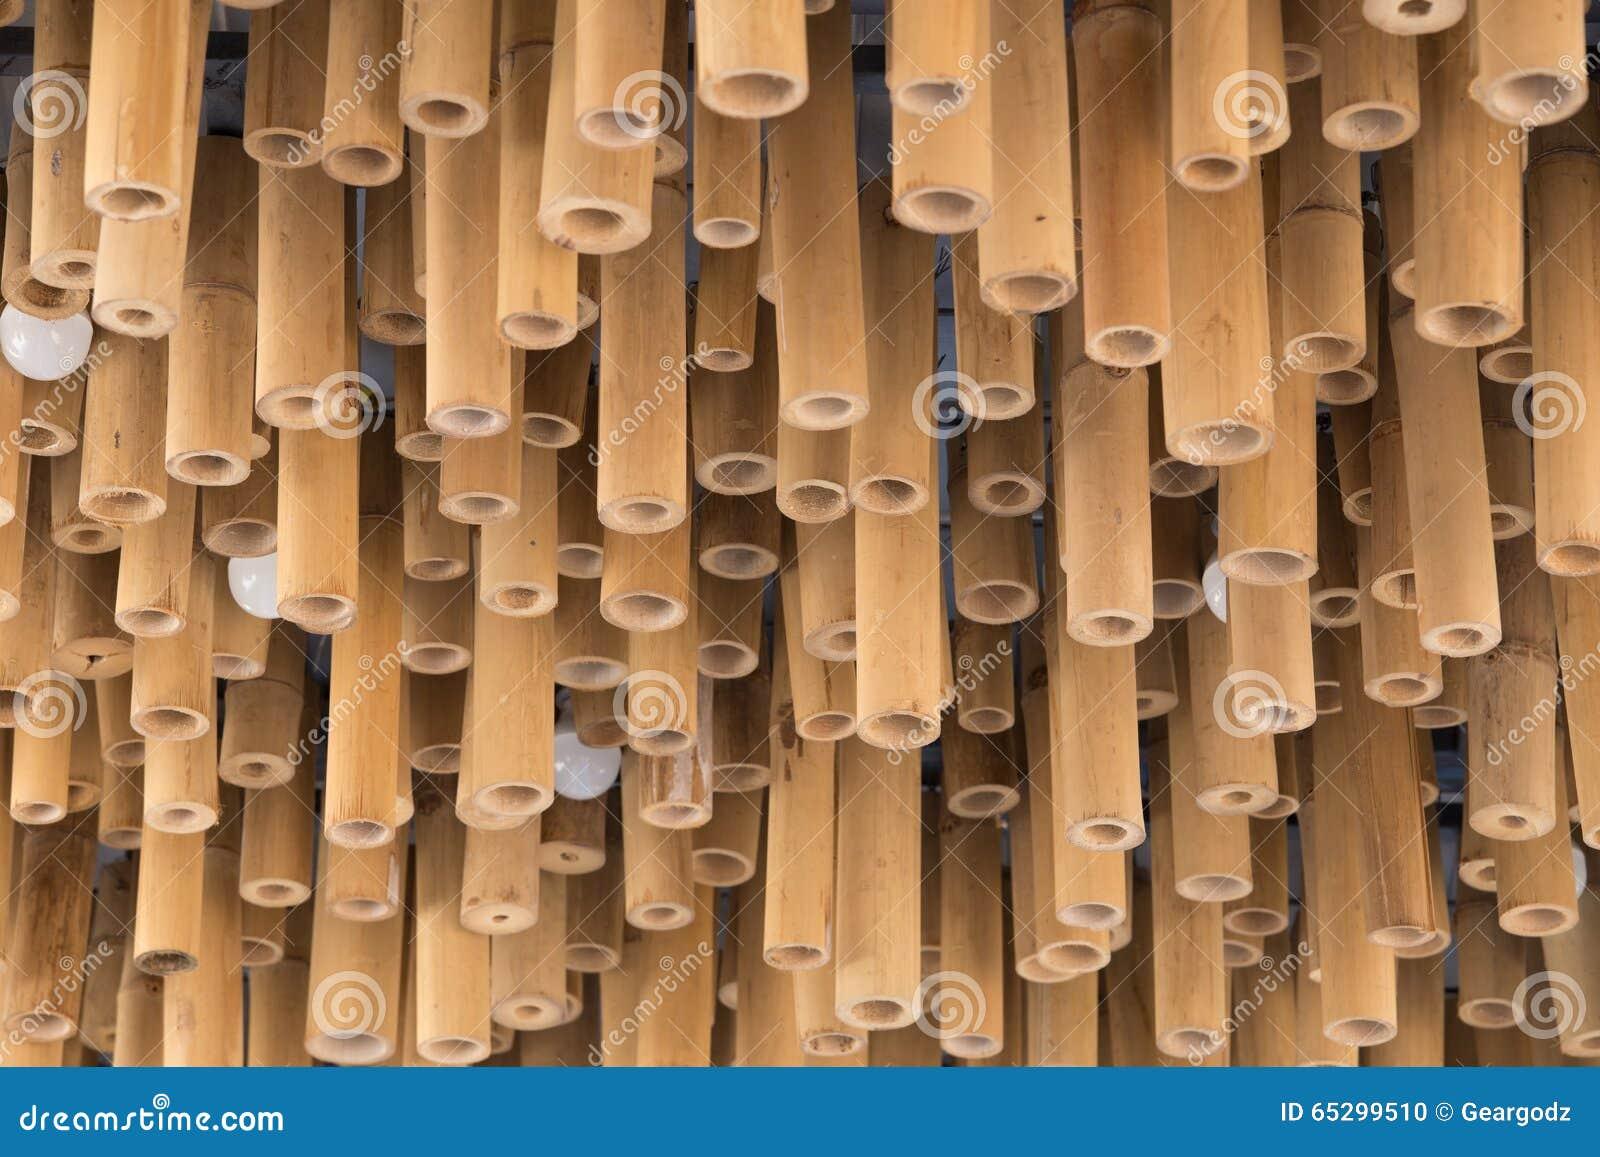 Decoracion De Madera De Bambu En Fondo Del Techo Foto De Archivo - Decoracion-bambu